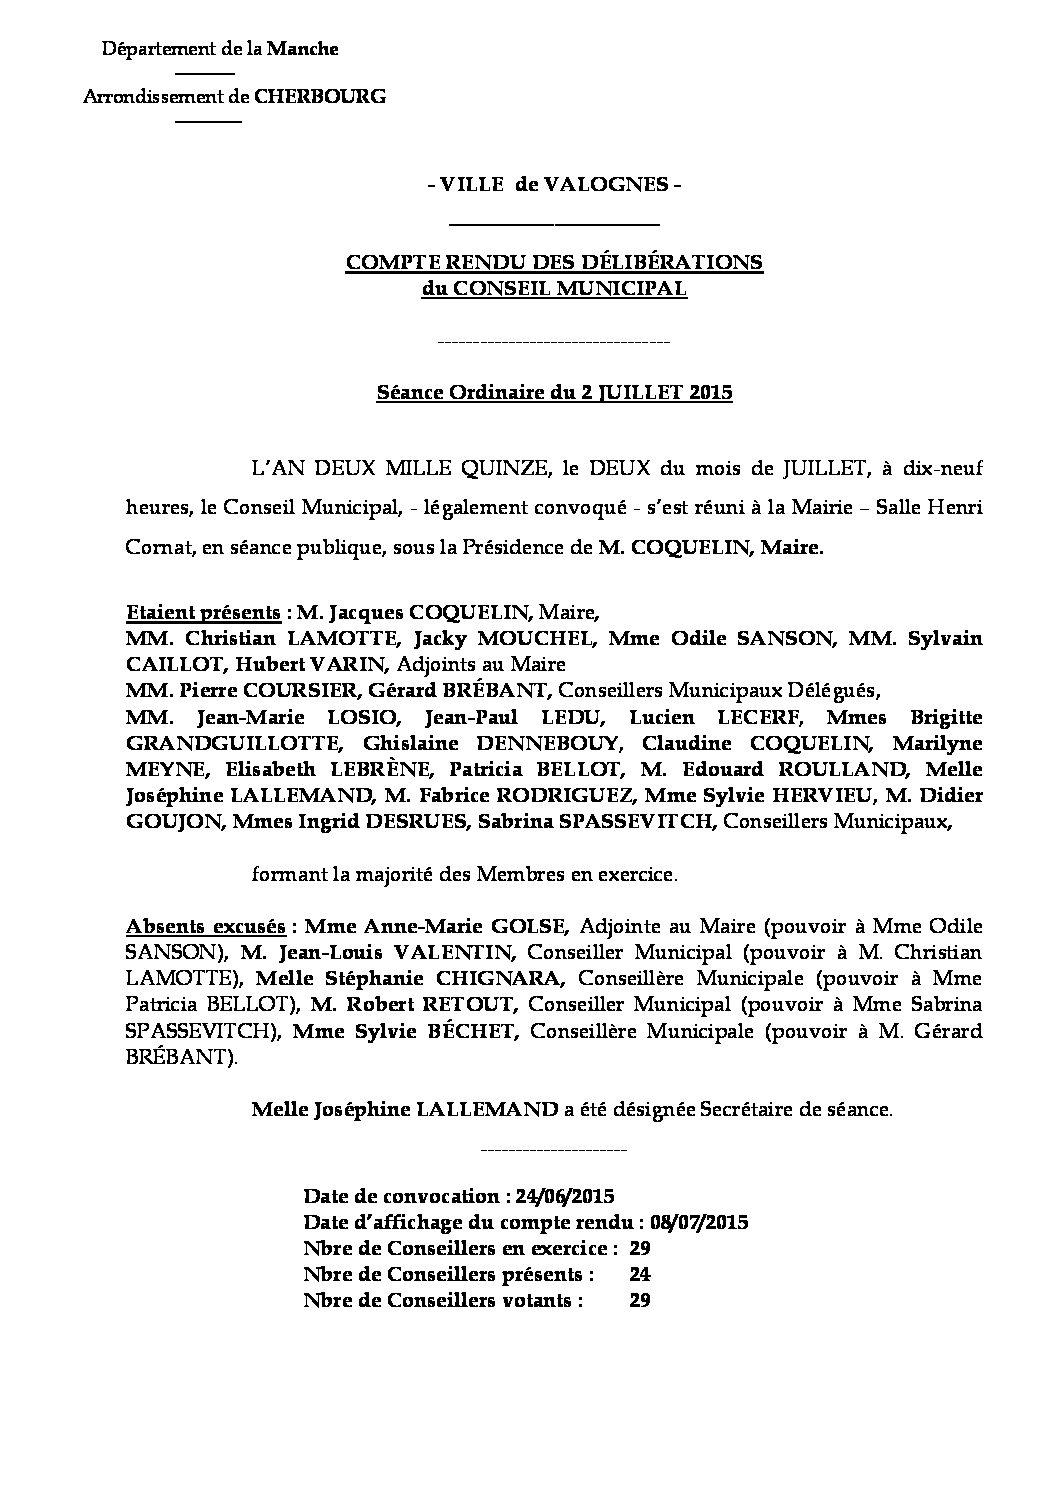 Extrait du registre des délibérations du 02-07-2015 - Compte rendu des questions soumises à délibération lors de la séance du Conseil Municipal du 2 juillet 2015